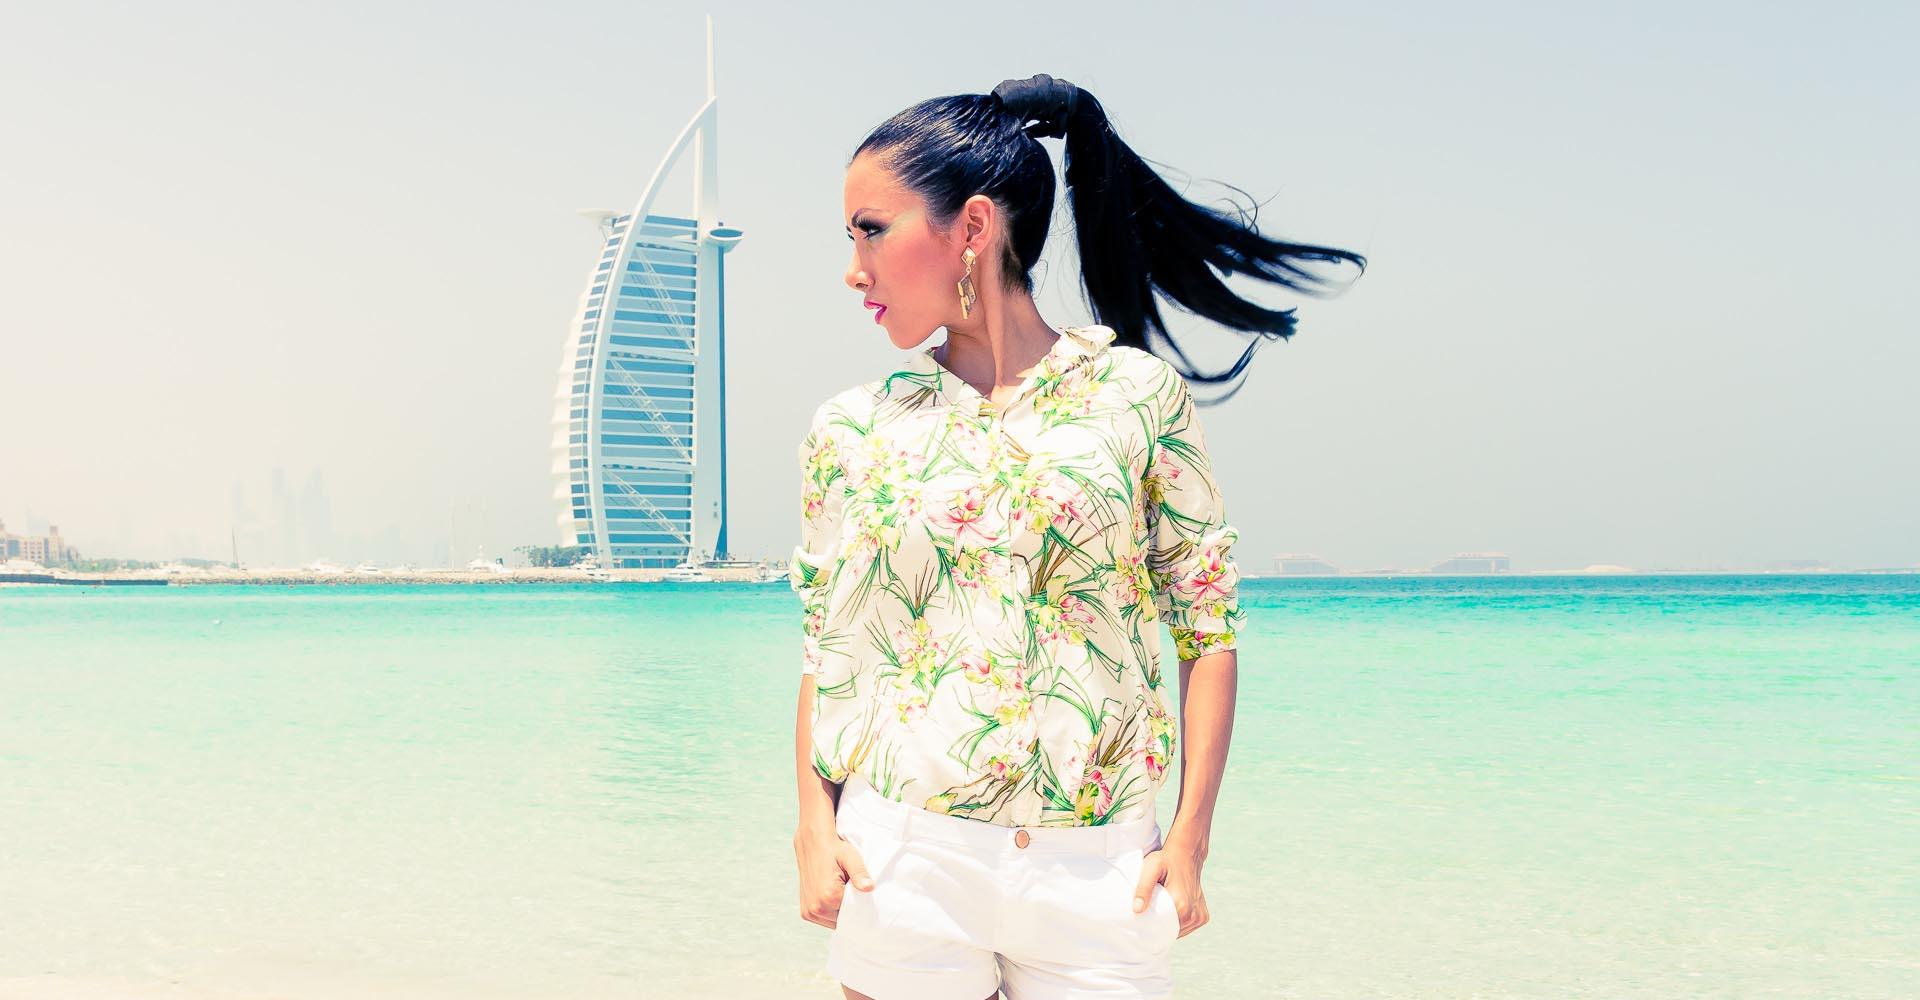 Работа моделью в ОАЭ и Дубай